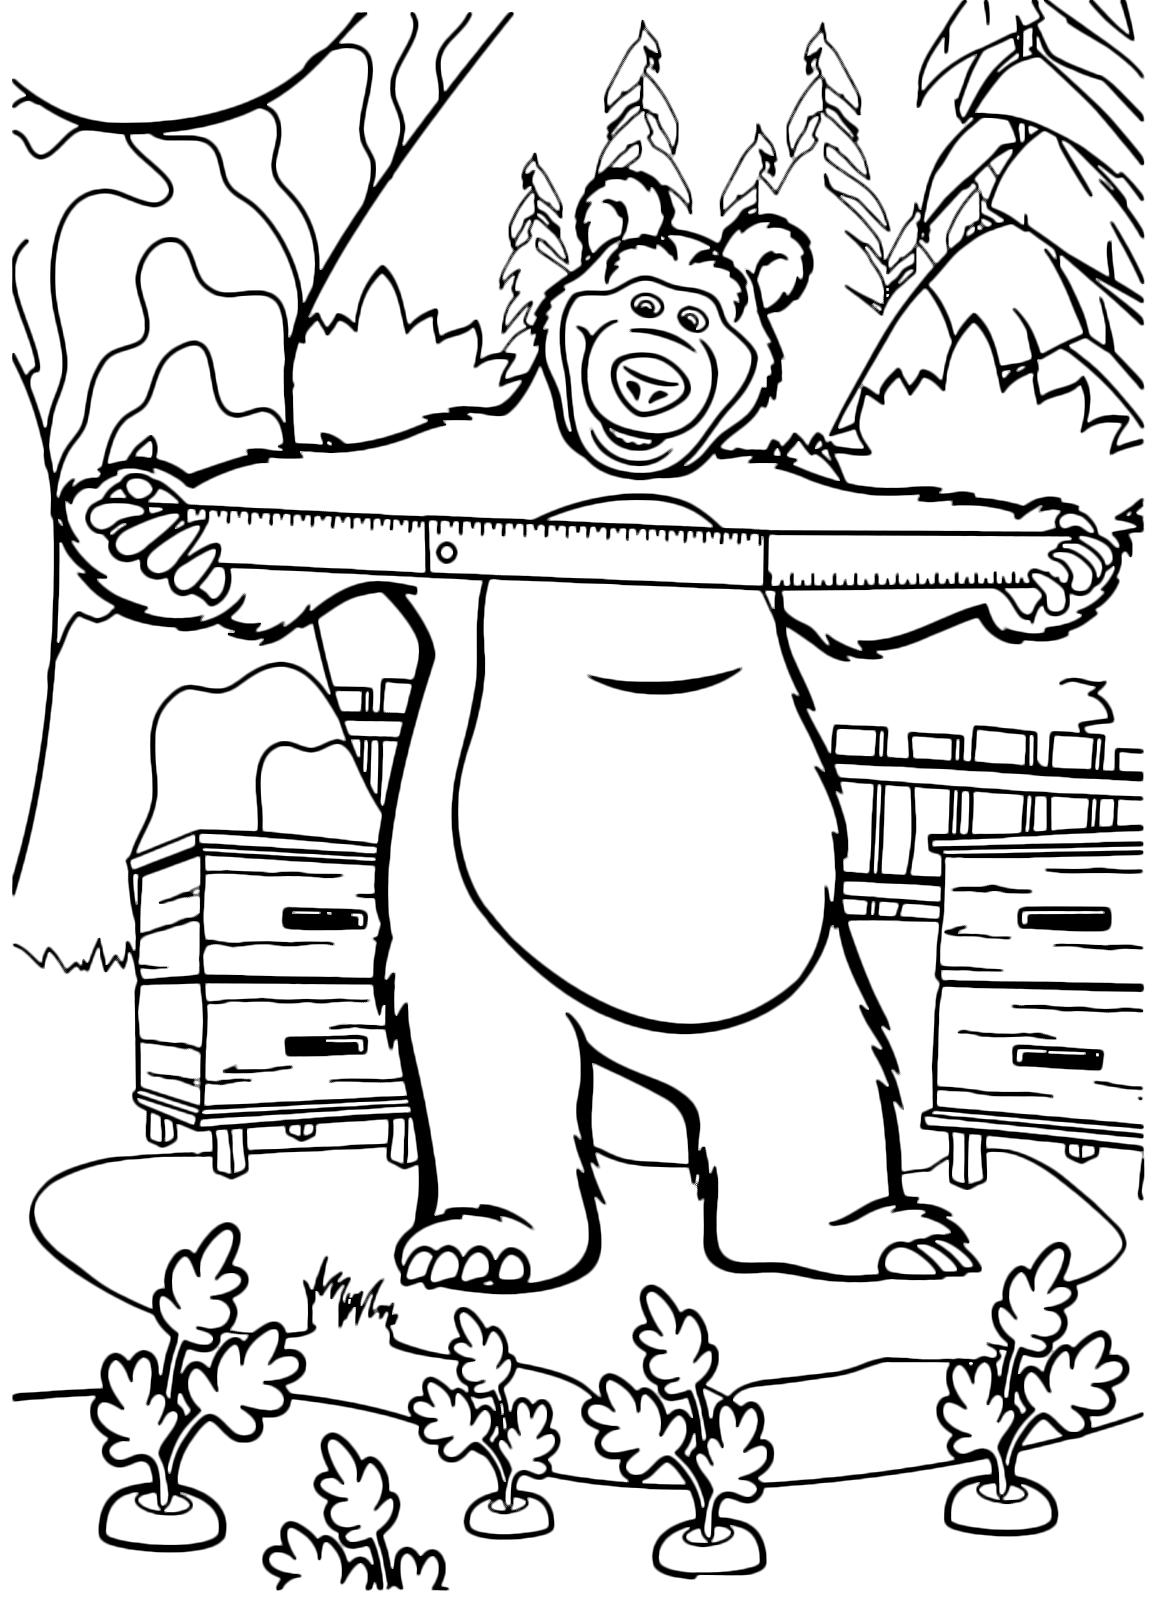 Masha e orso orso misura con il metro le carote for Disegni da colorare masha e orso